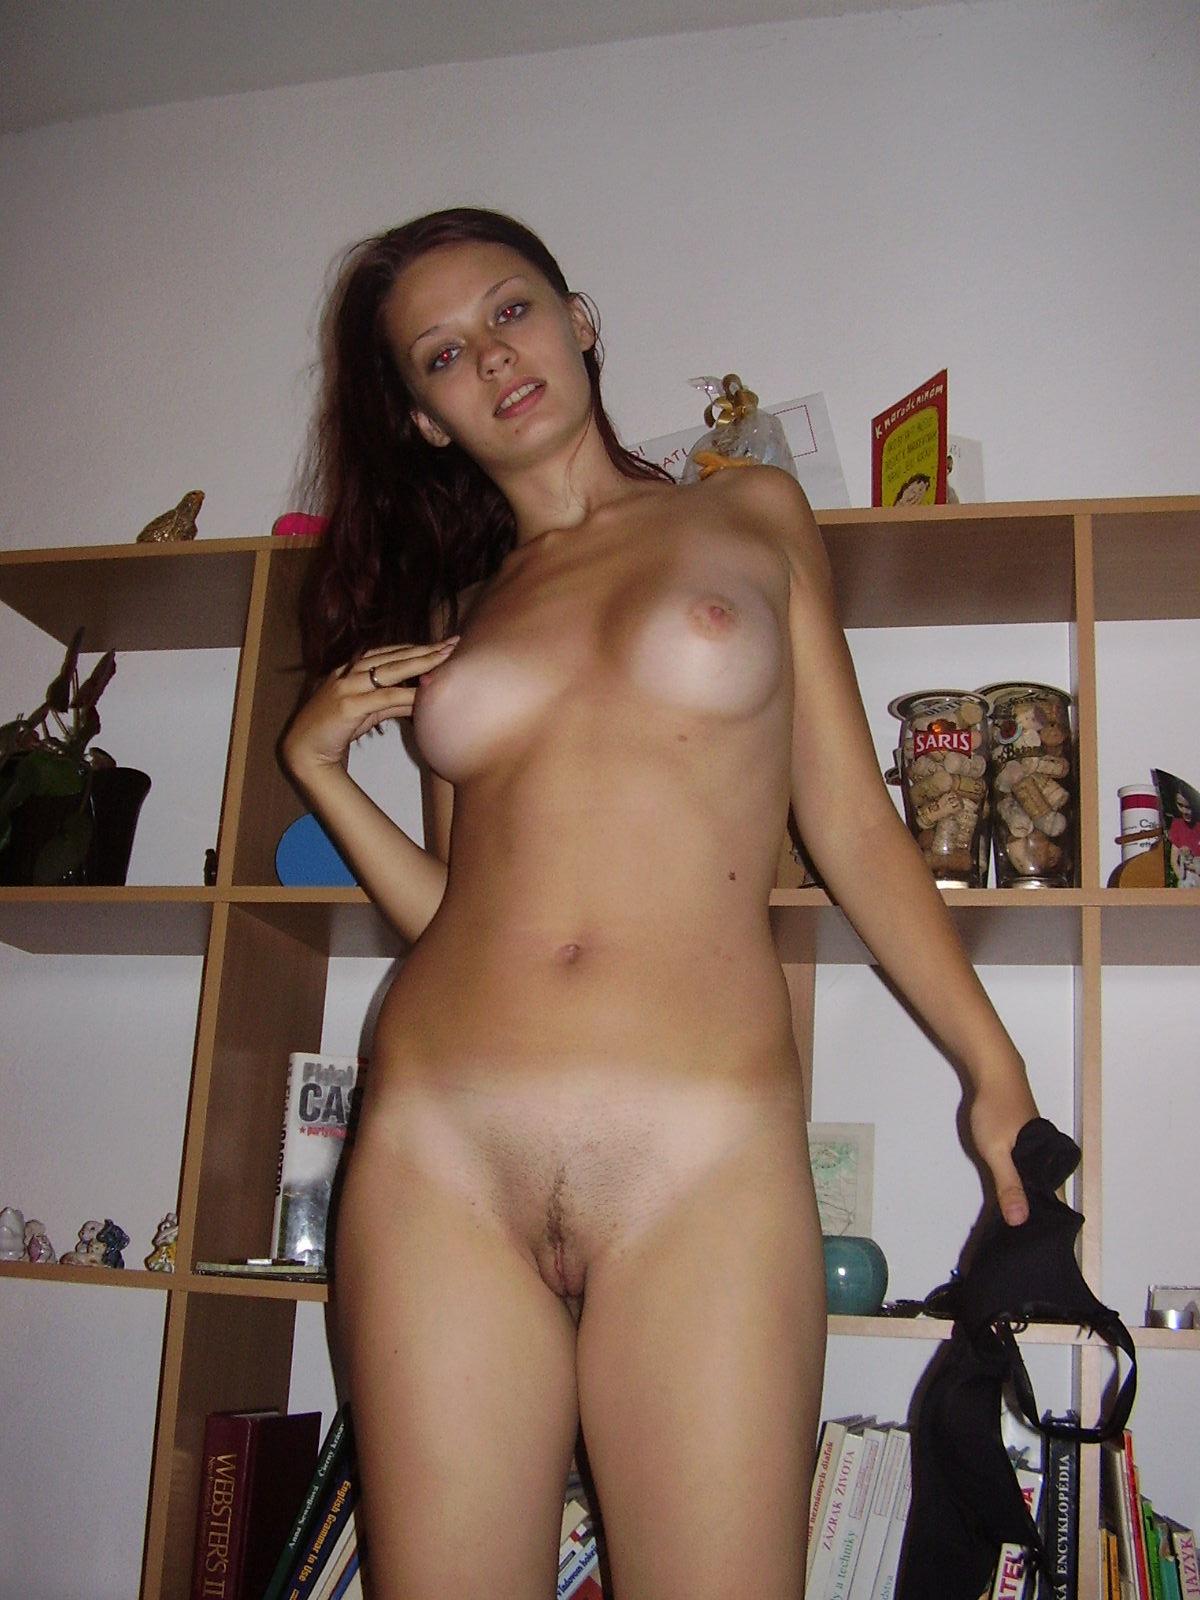 фото голых женщин из сыктывкара был